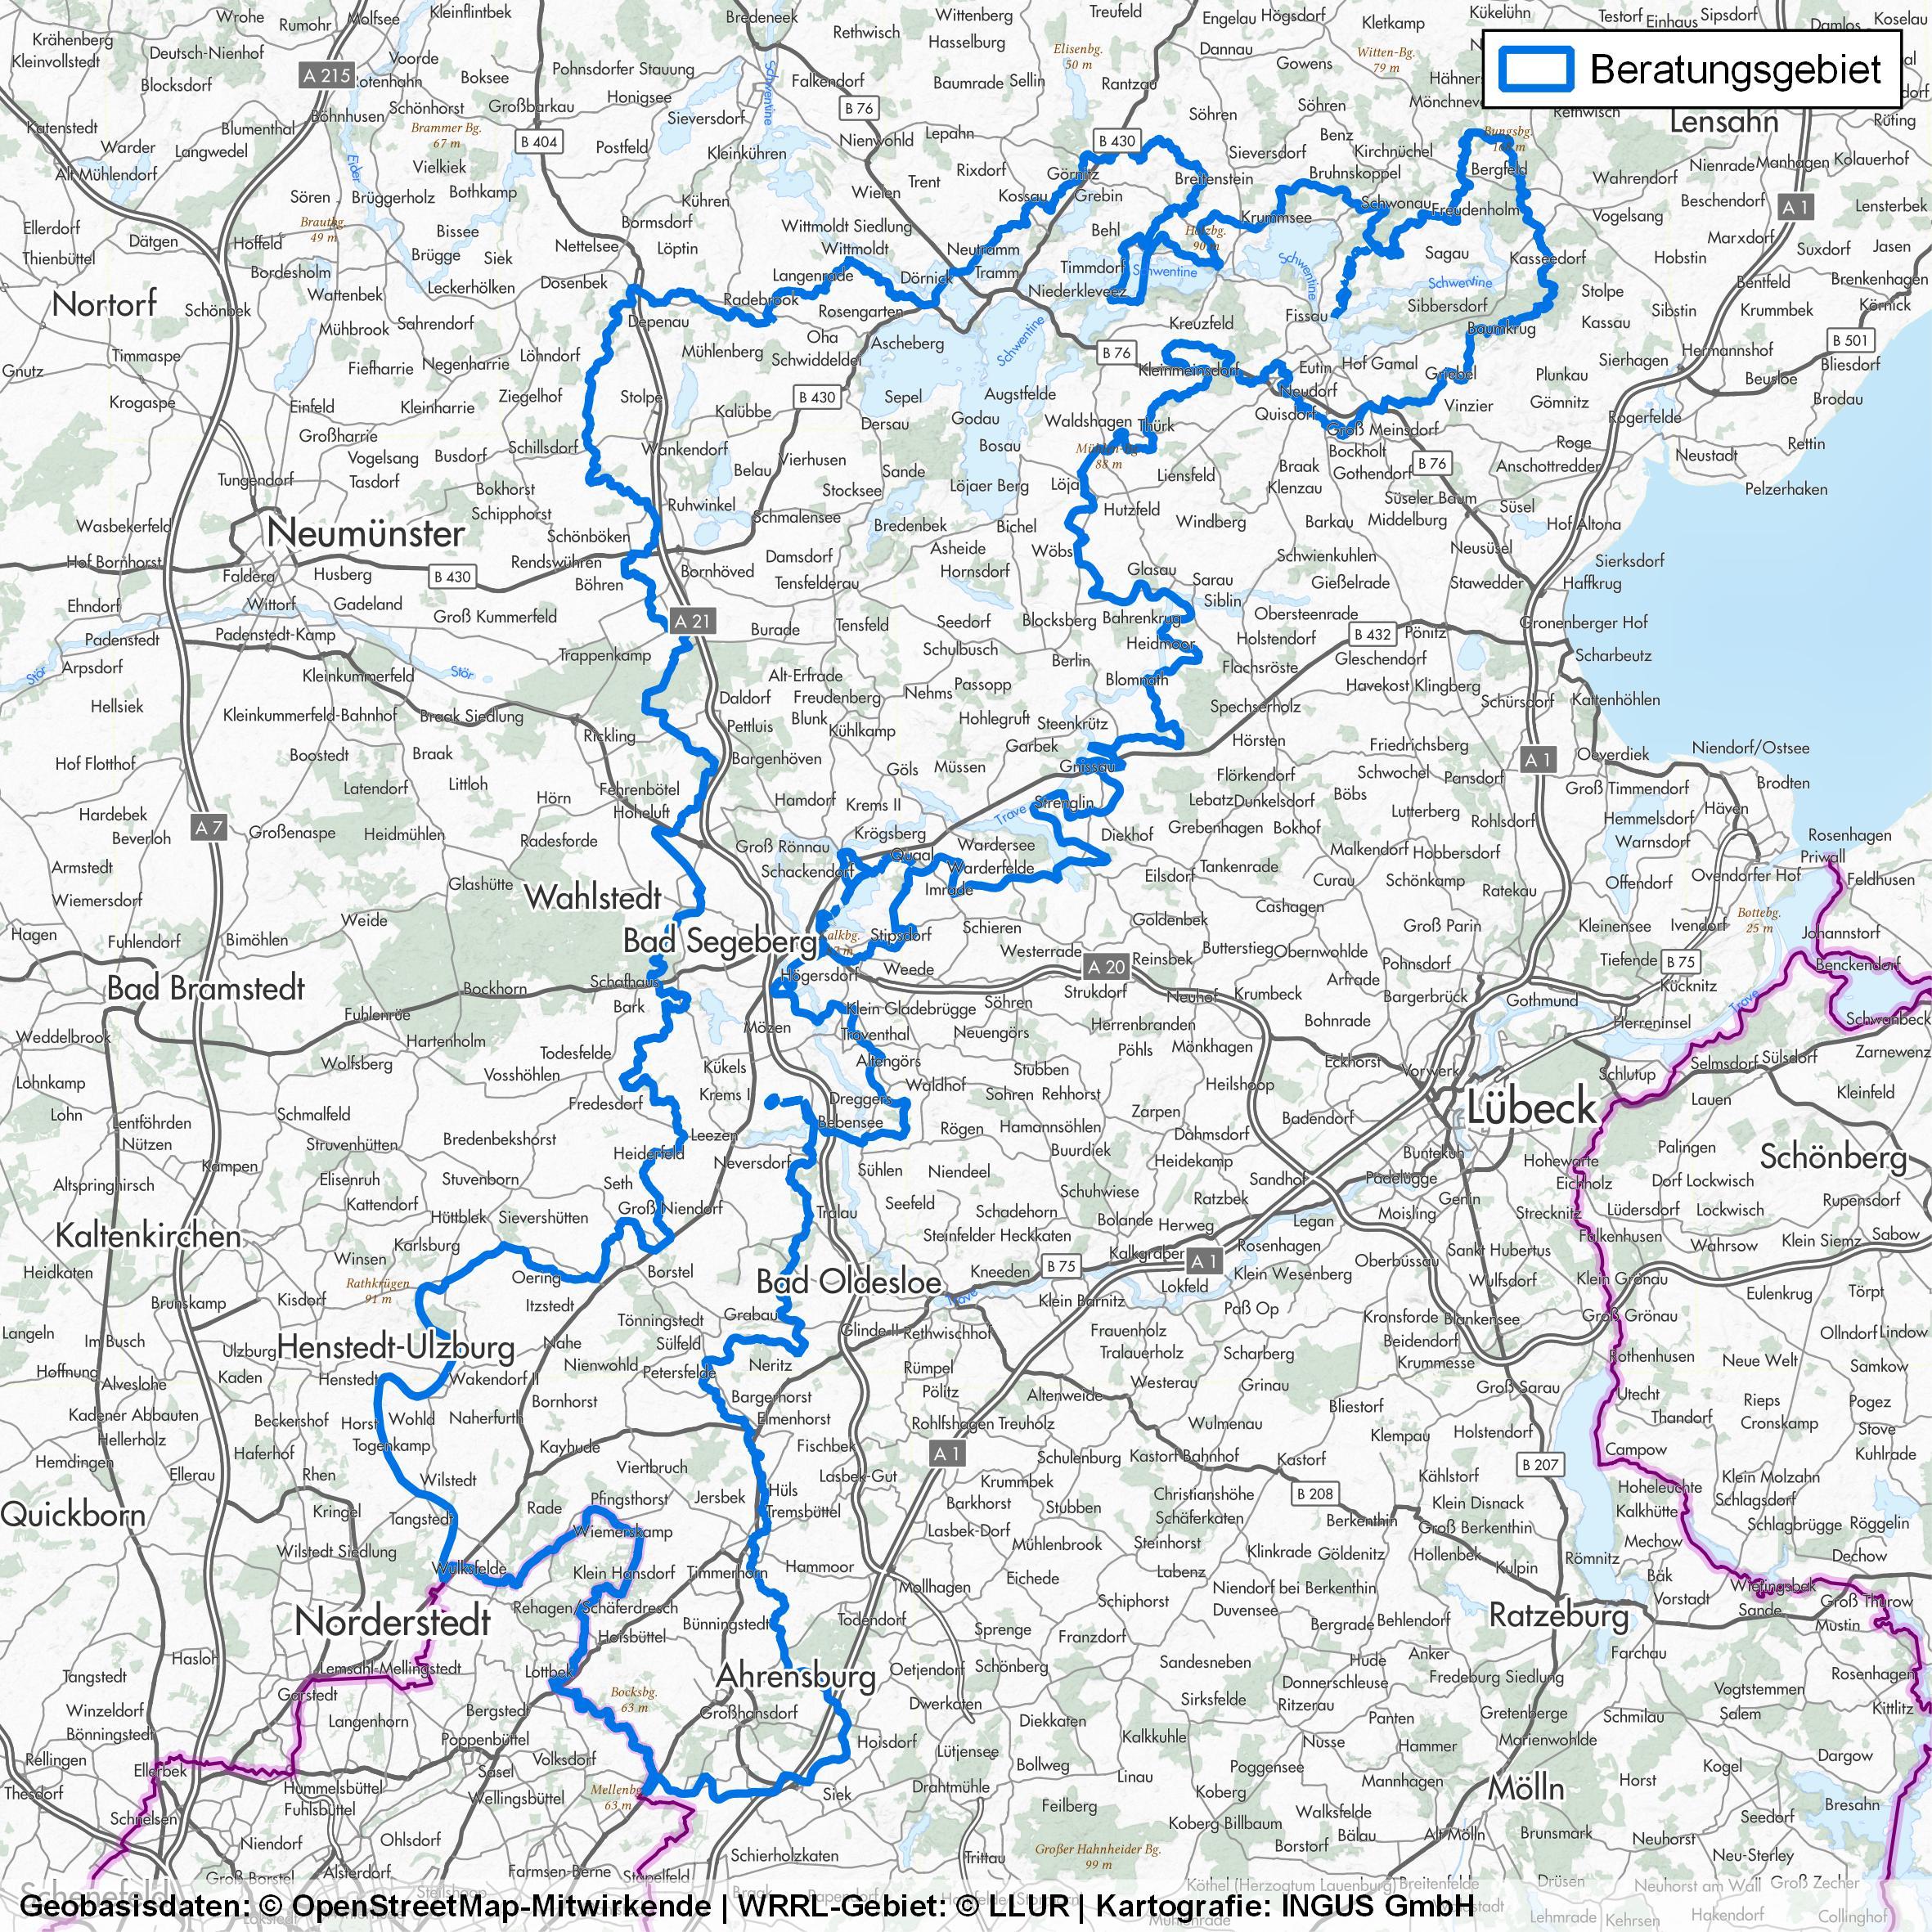 Beratungsgebiet Holsteinische Schweiz